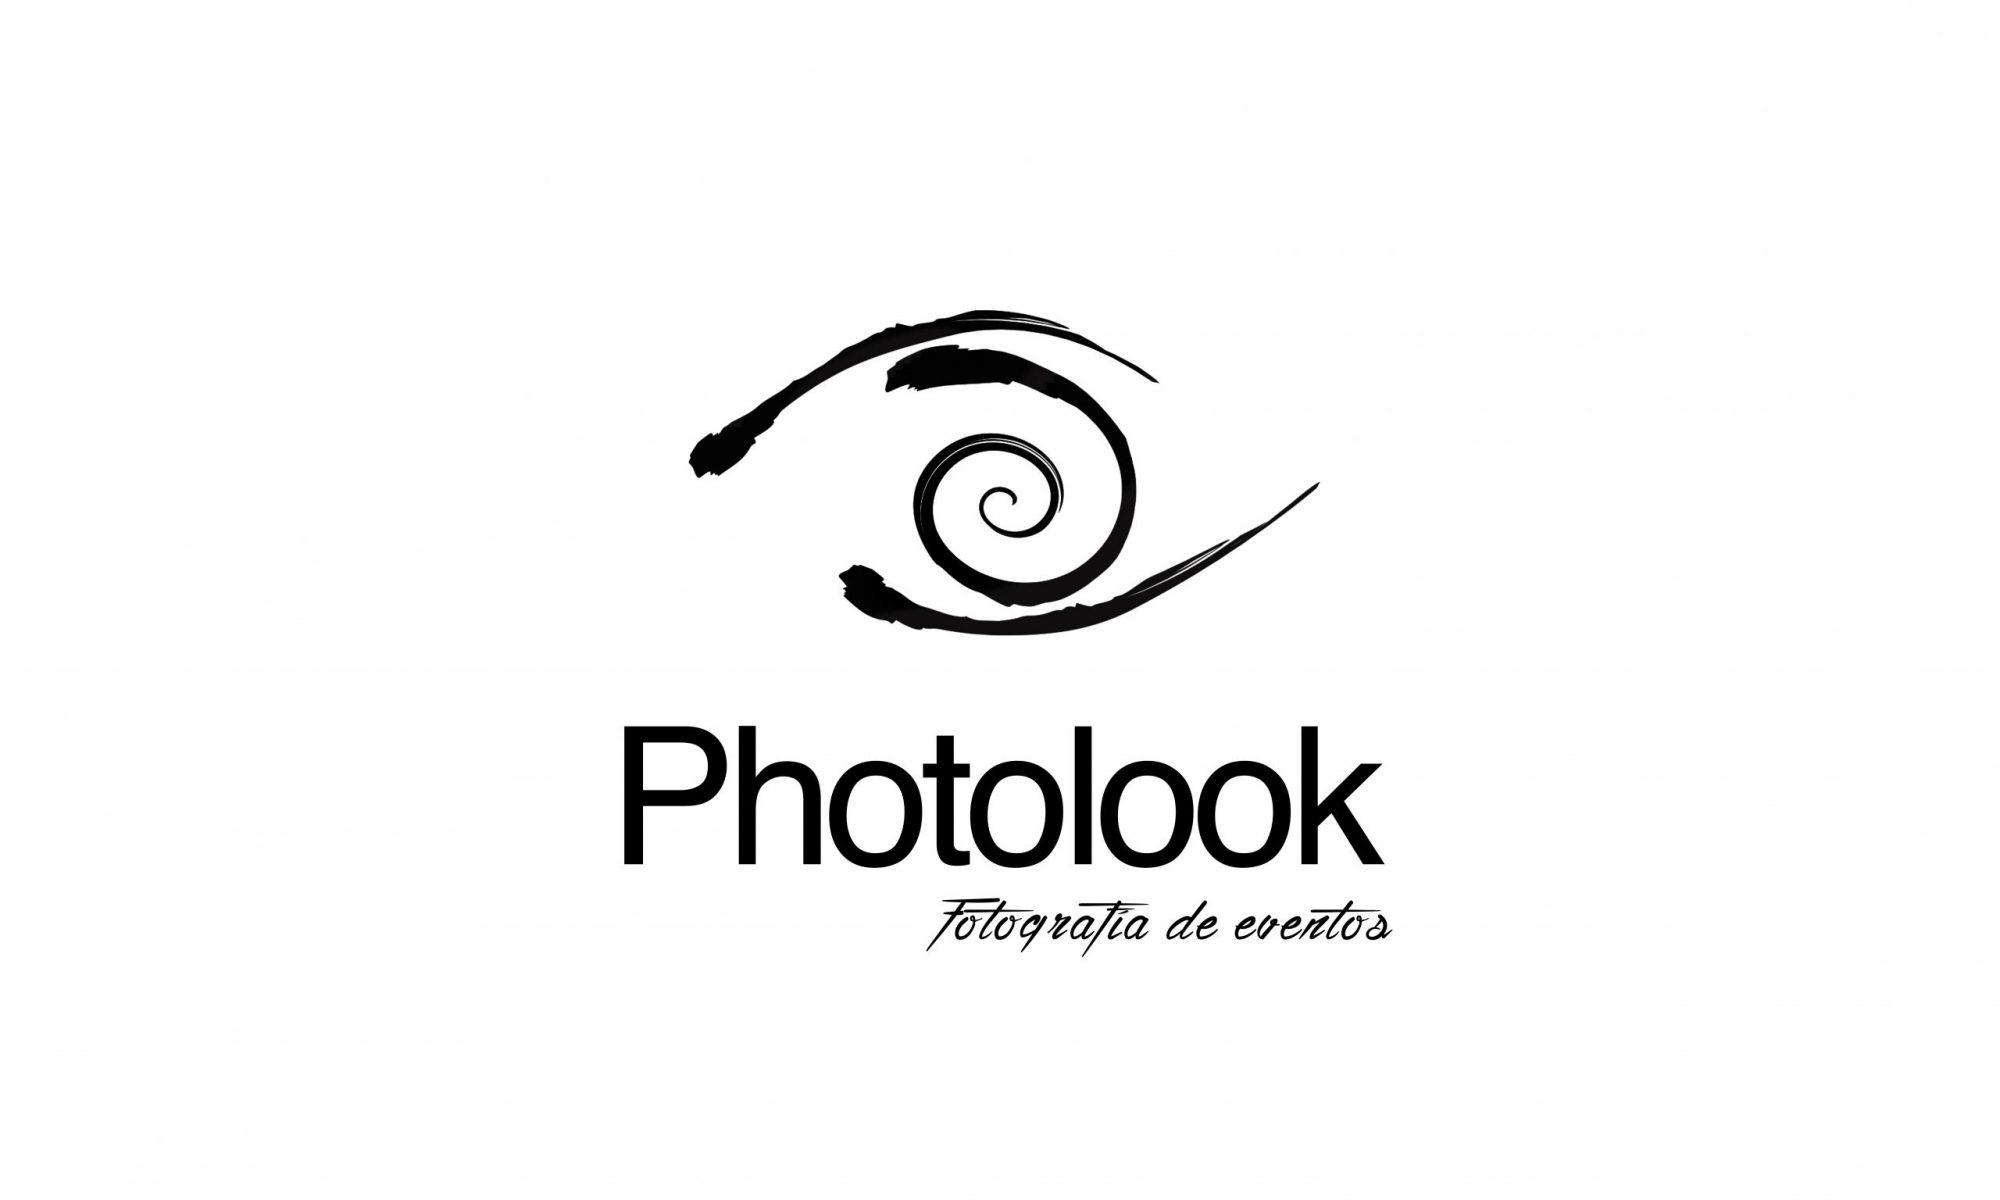 Photolook